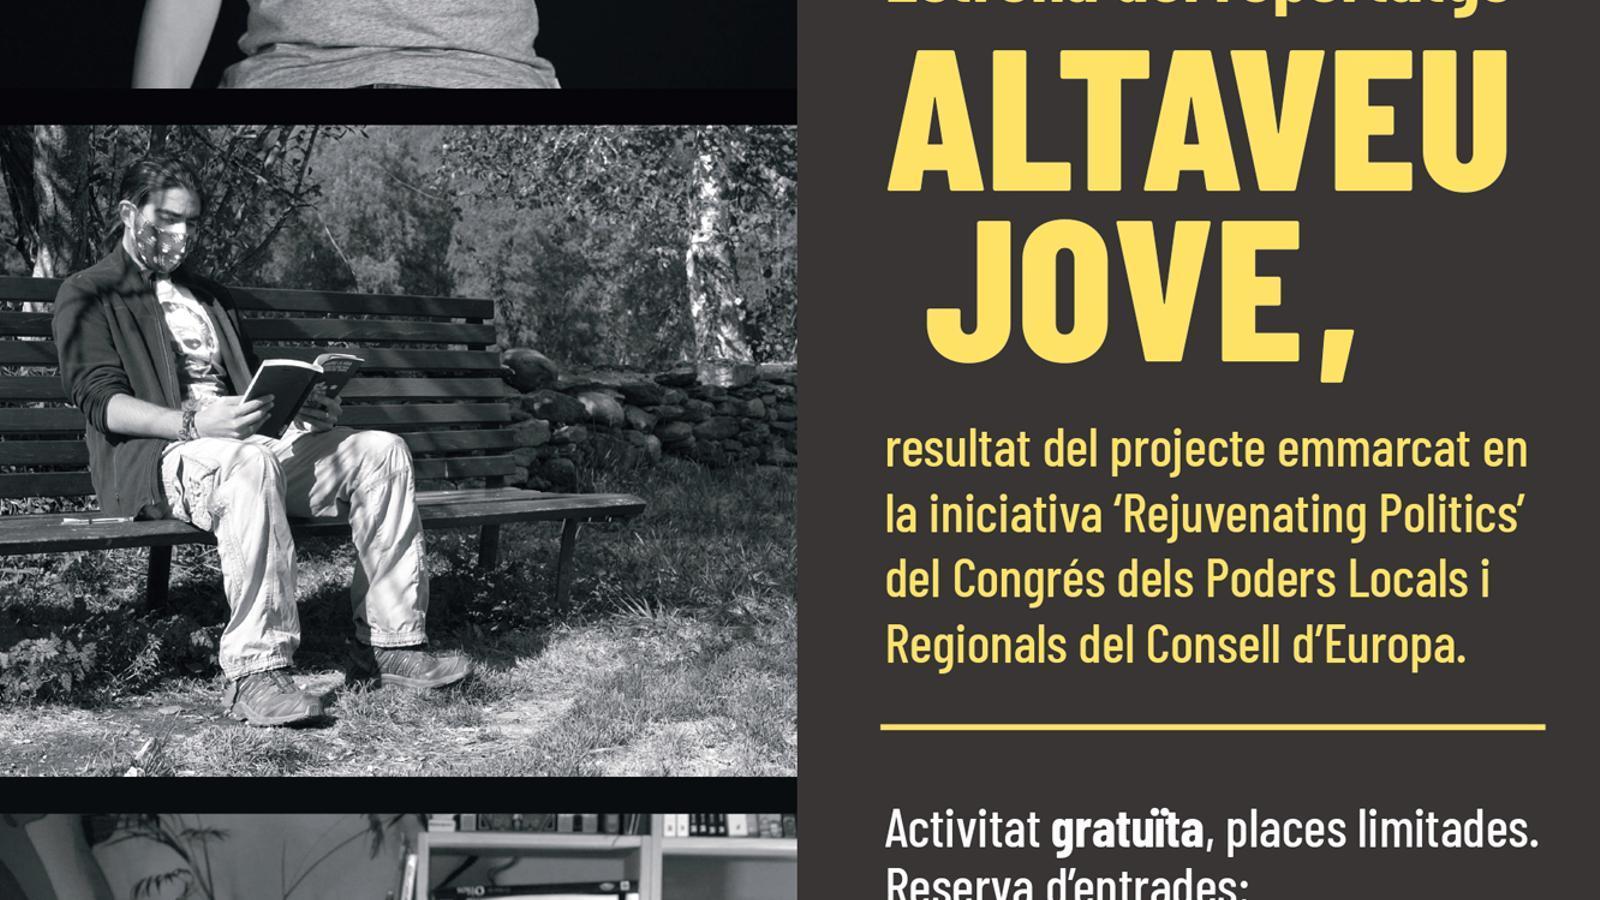 Cartell de l'estrena del reportatge 'Altaveu jove'. / COMÚ D'ANDORRA LA VELLA